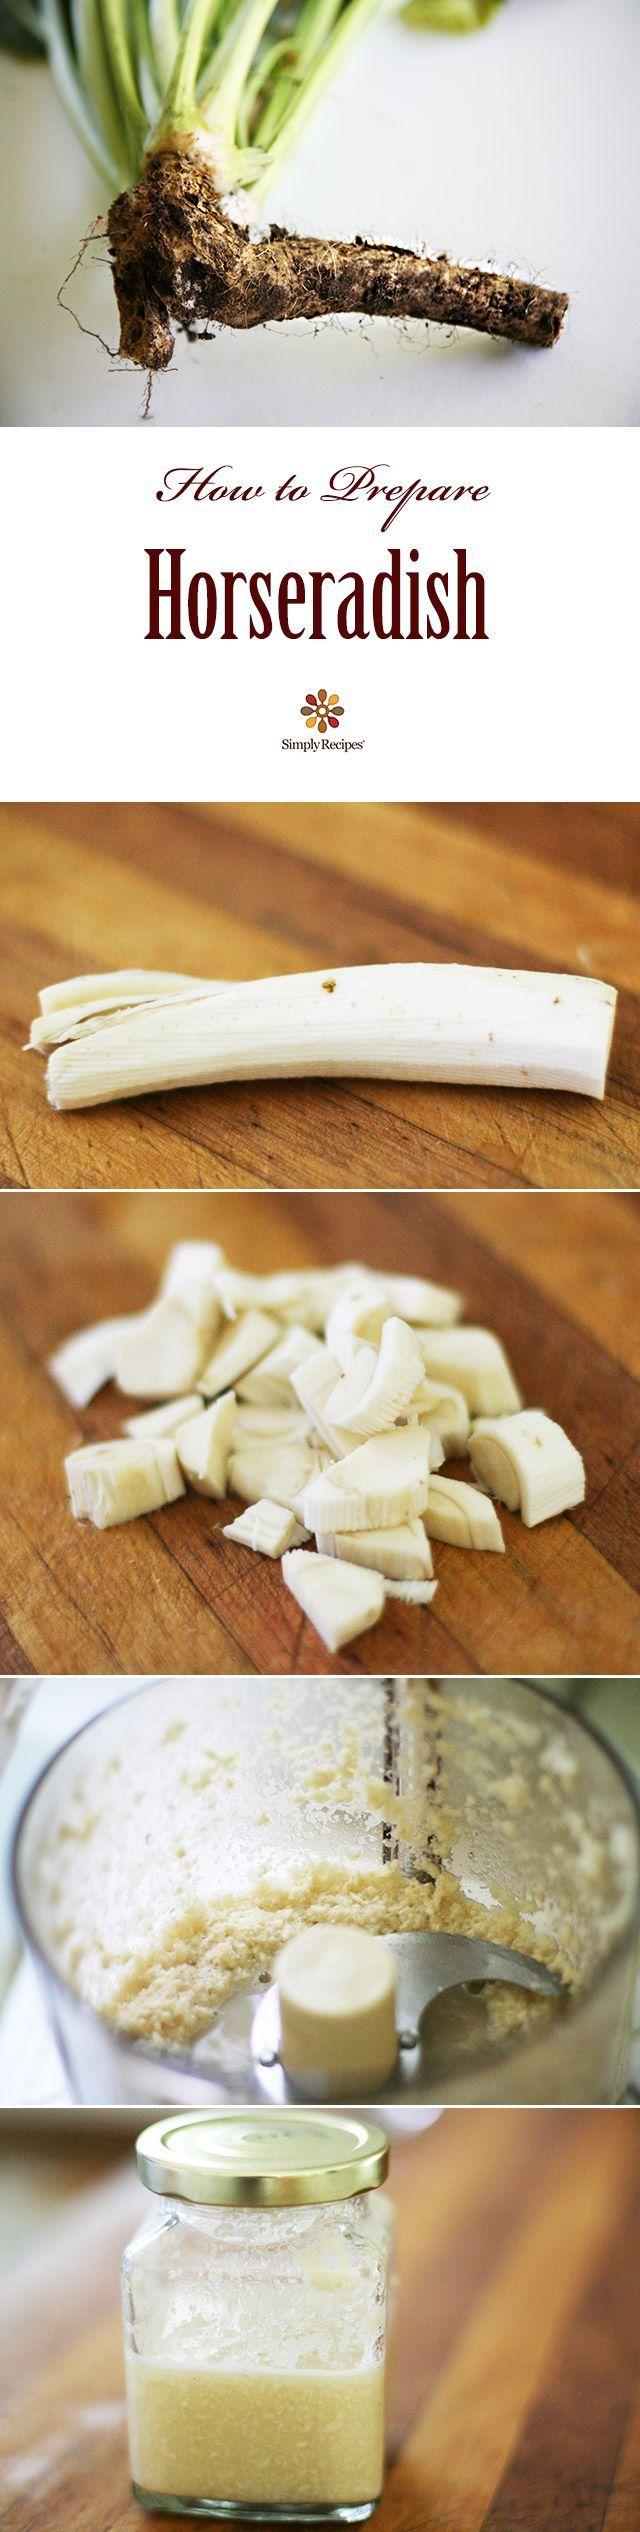 How to Prepare Horseradish ~ How to make homemade horseradish by grating horseradish root and adding vinegar. ~ SimplyRecipes.com